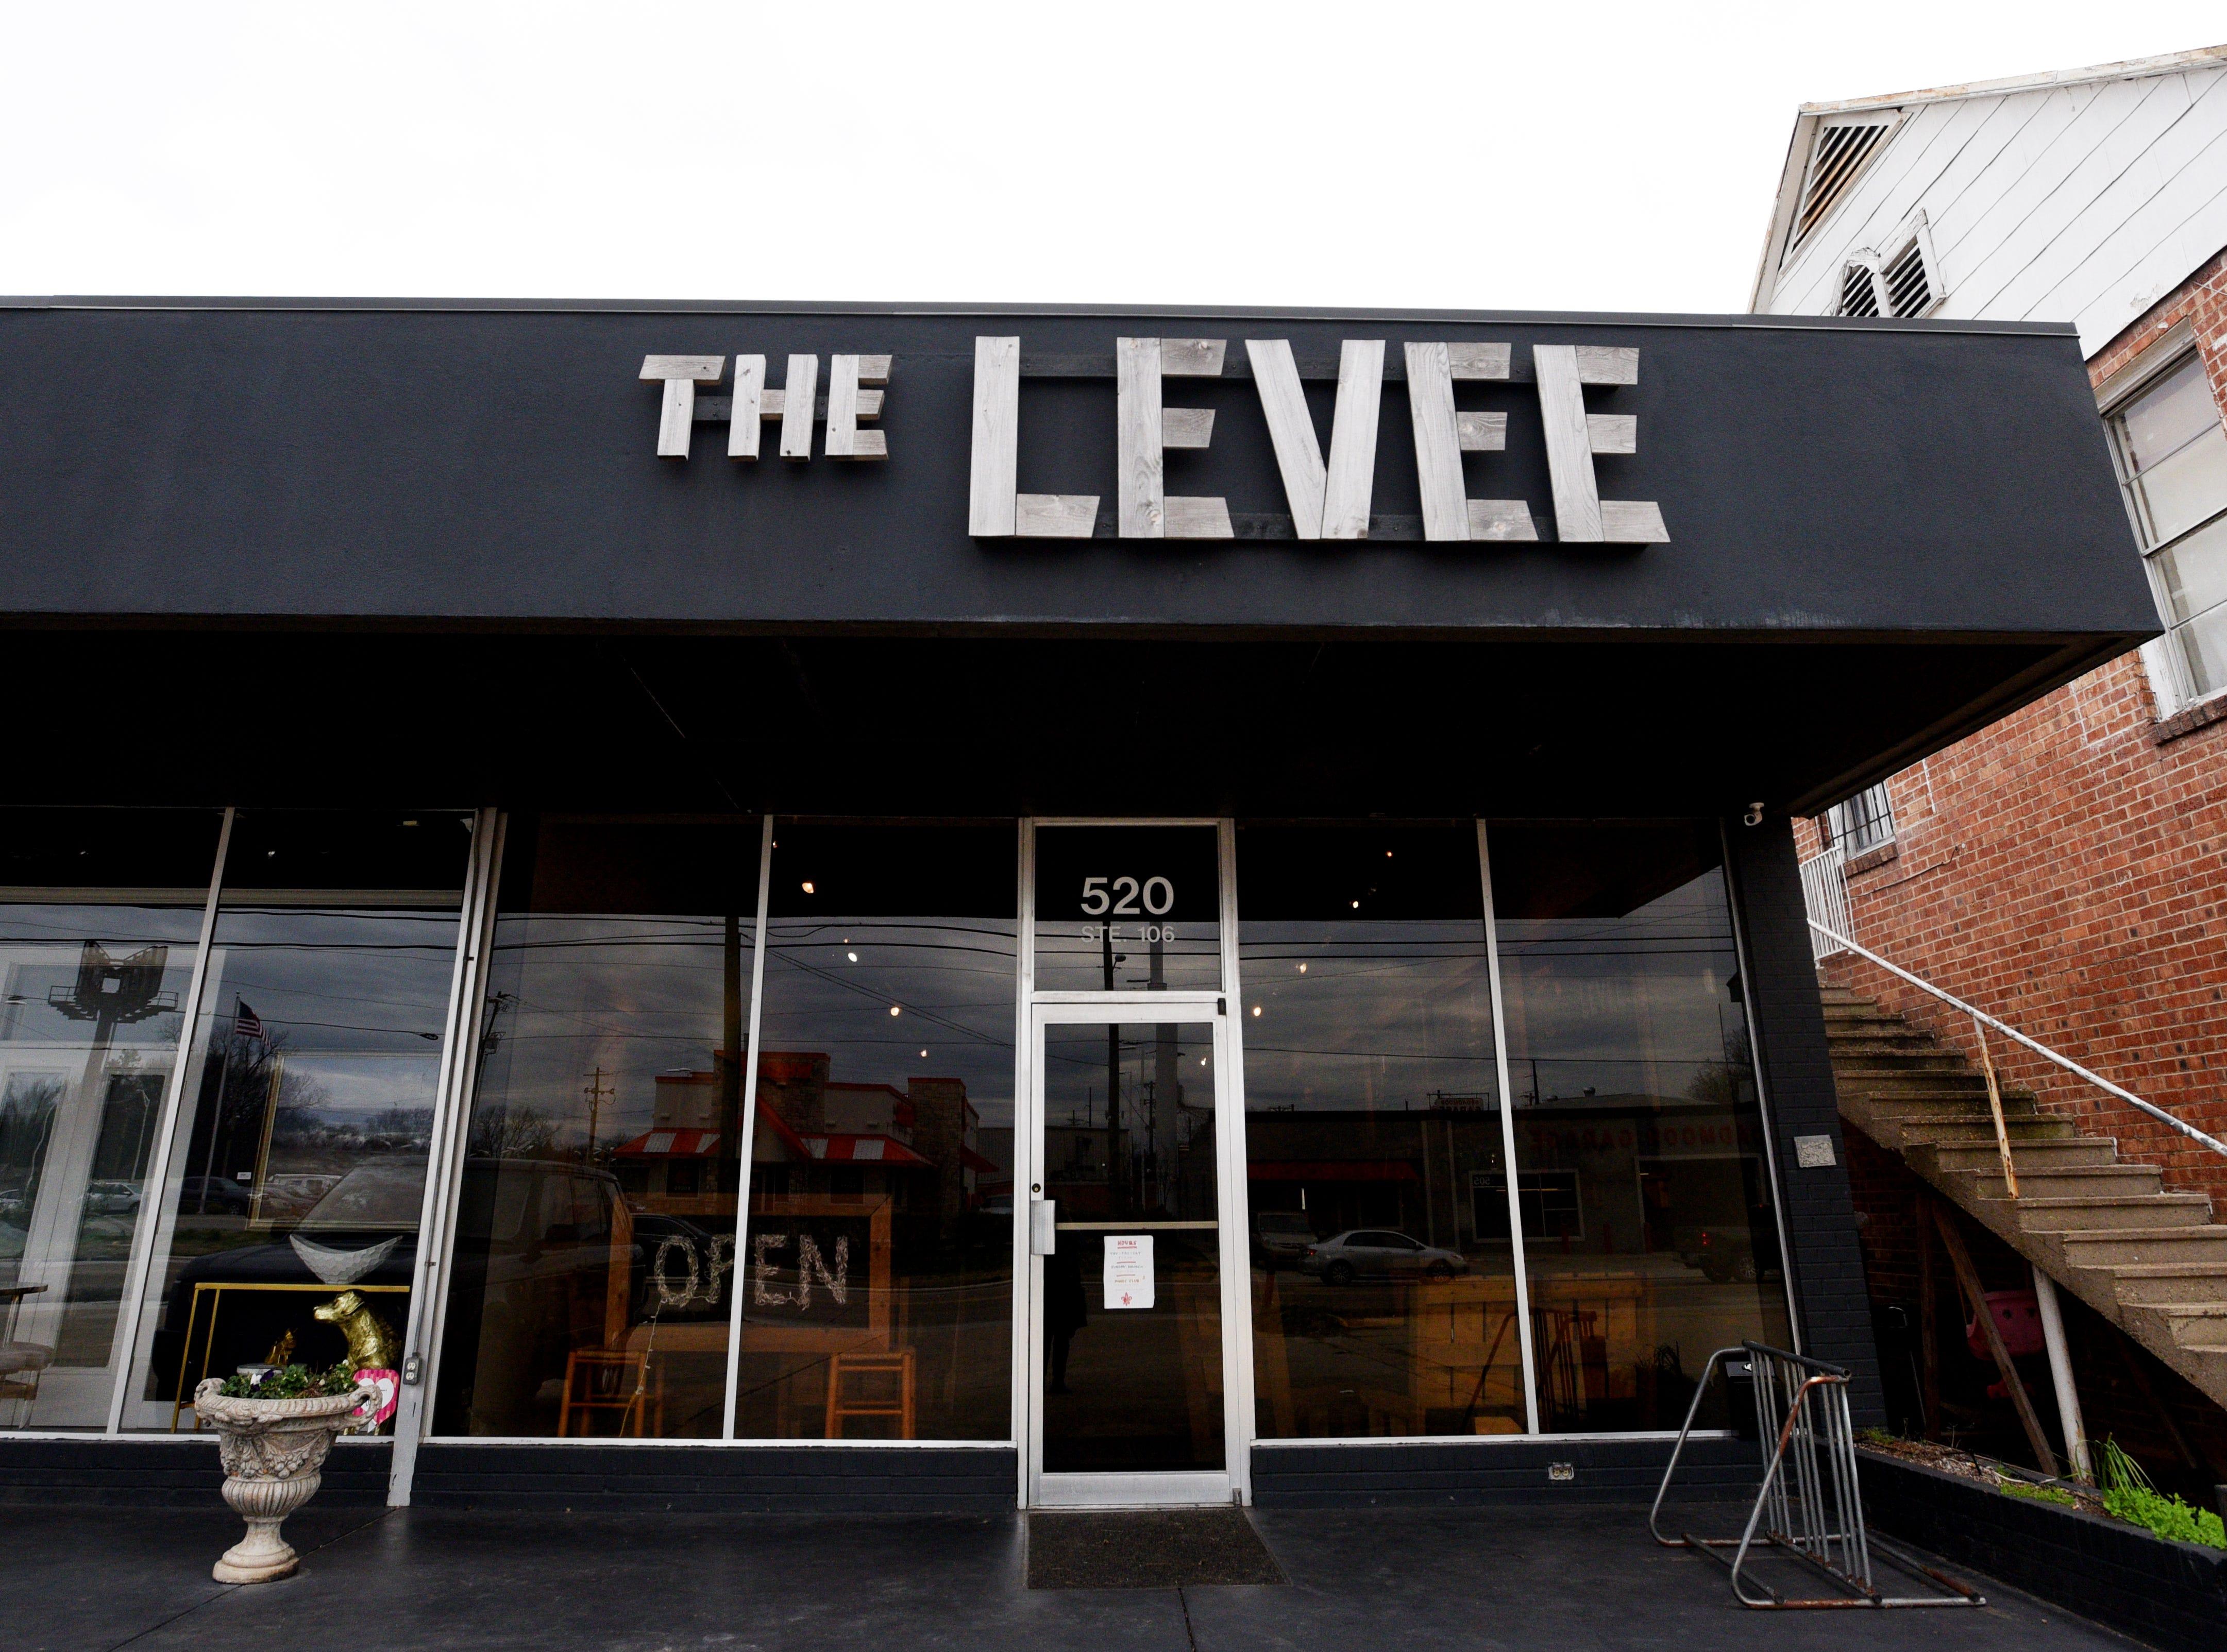 The Levee restaurant on East Kings Highway in Shreveport.